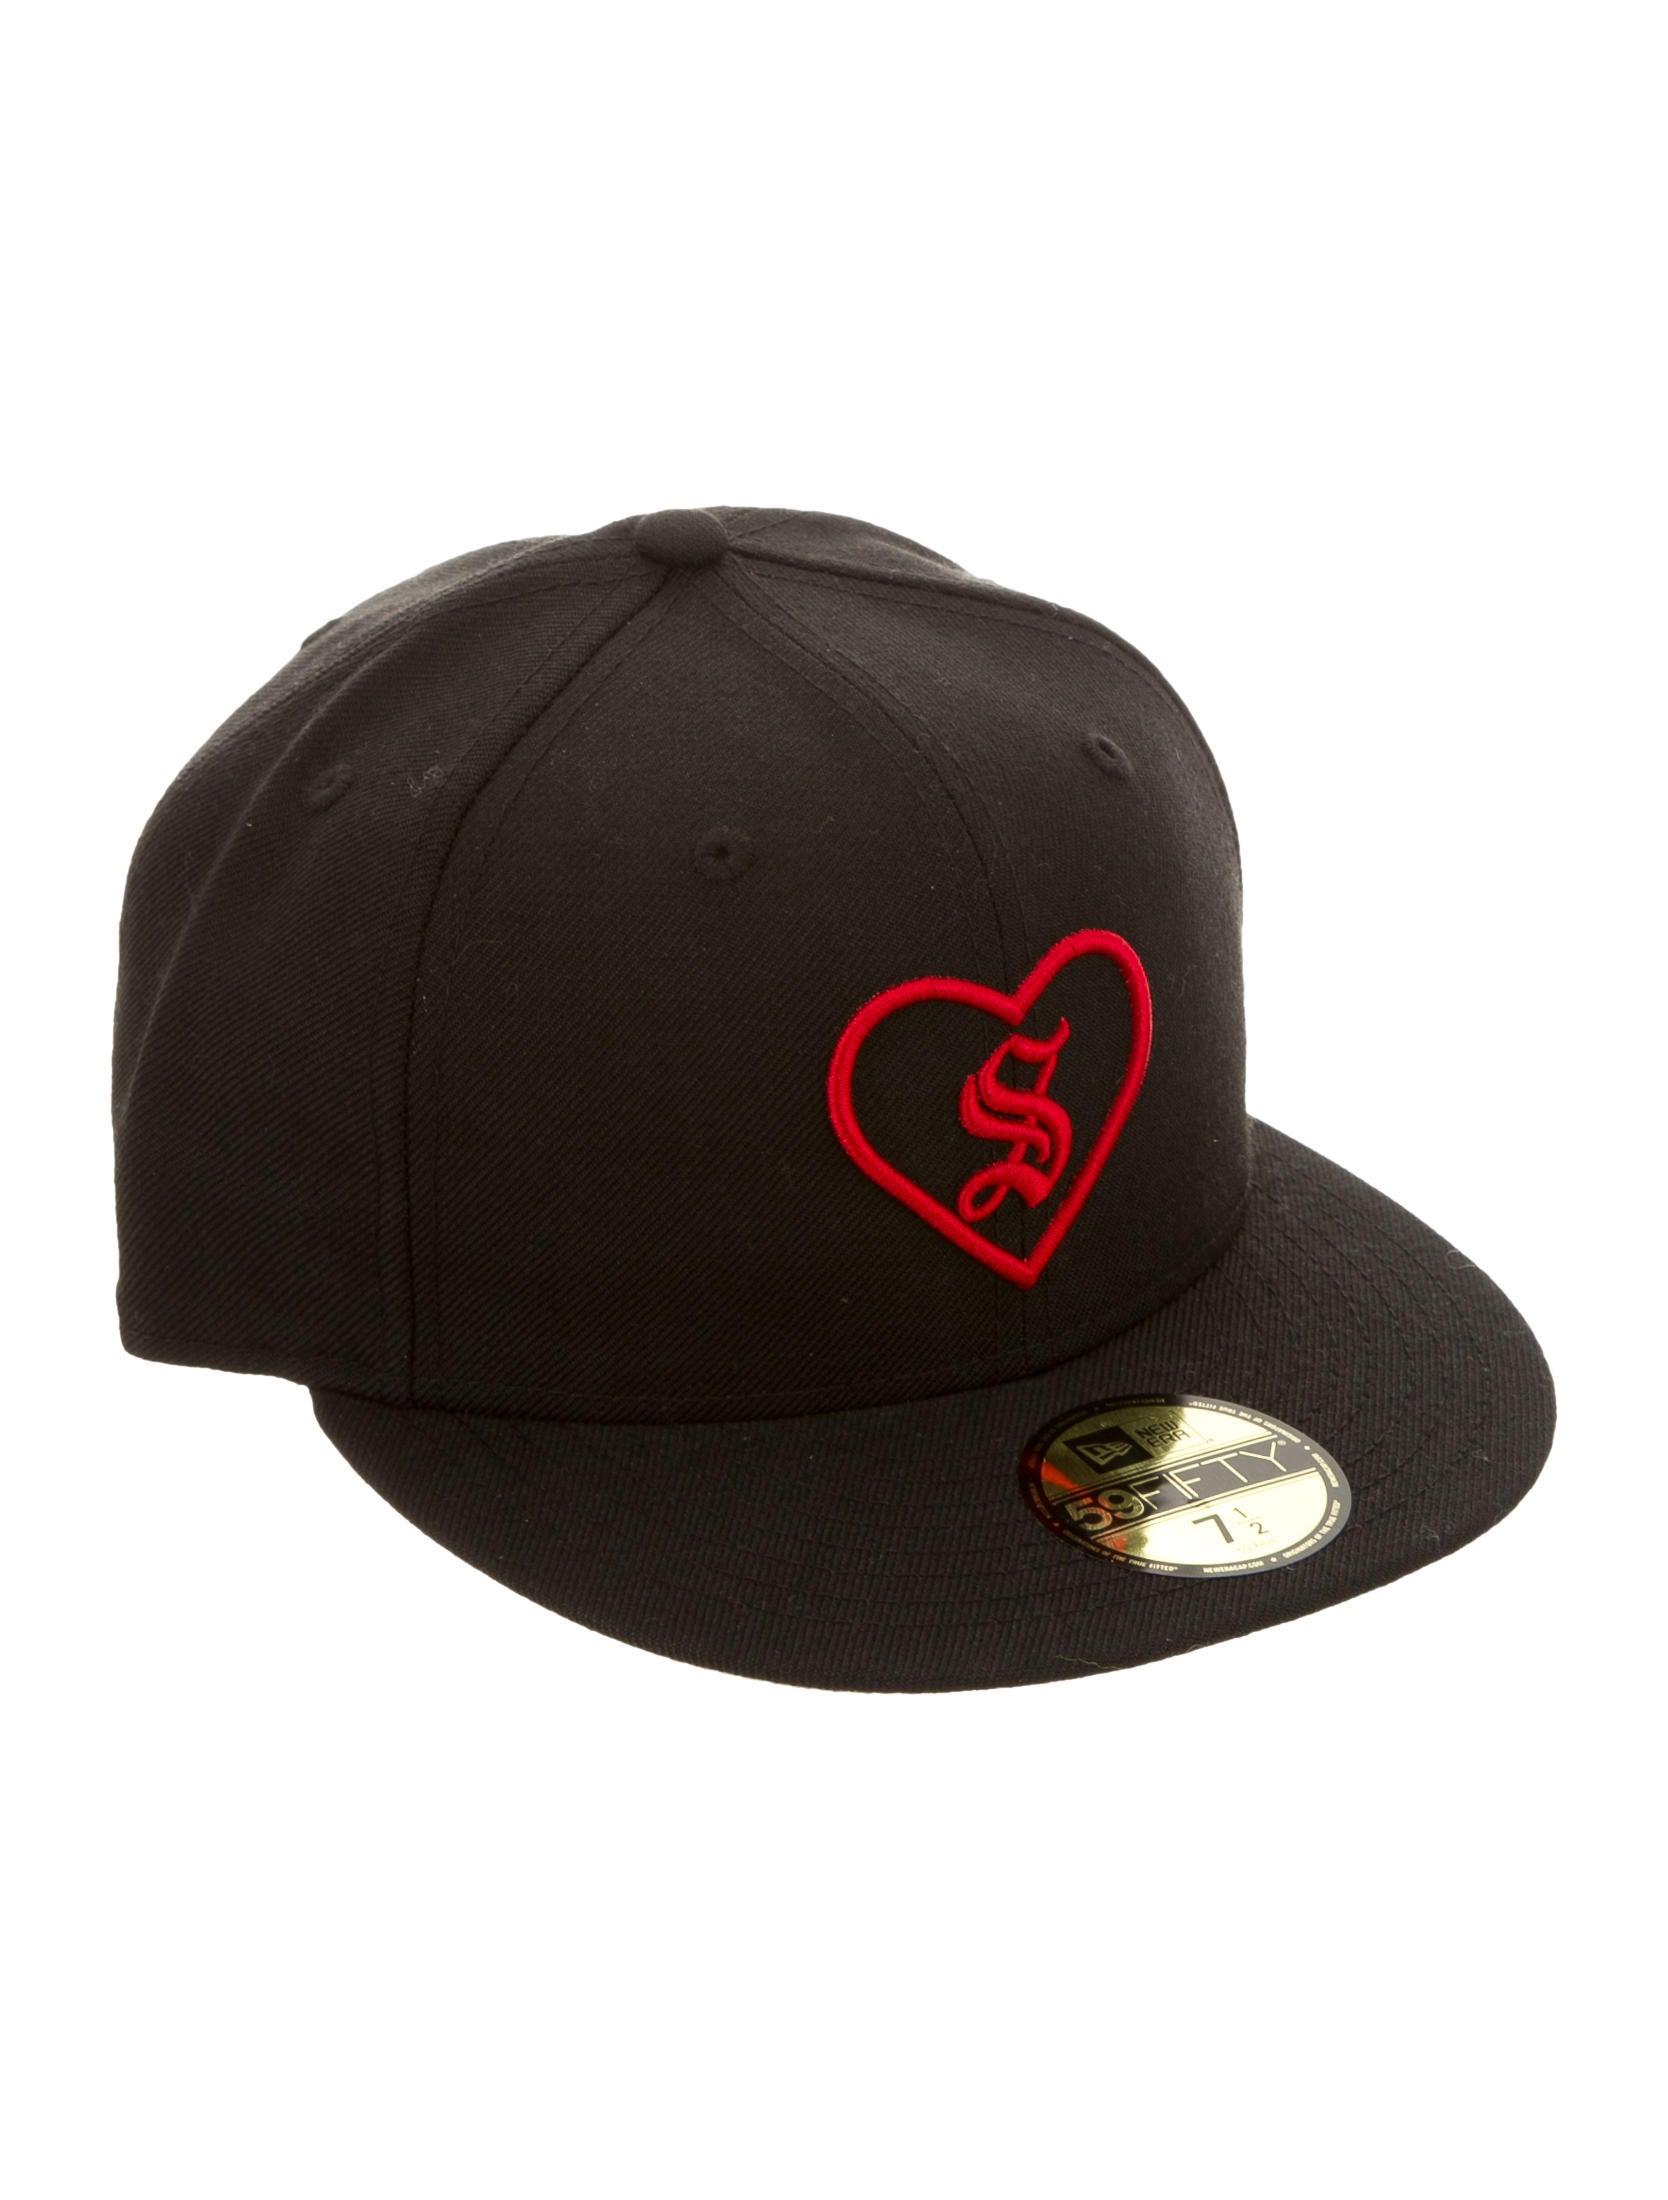 era caps heart - HD1668×2200